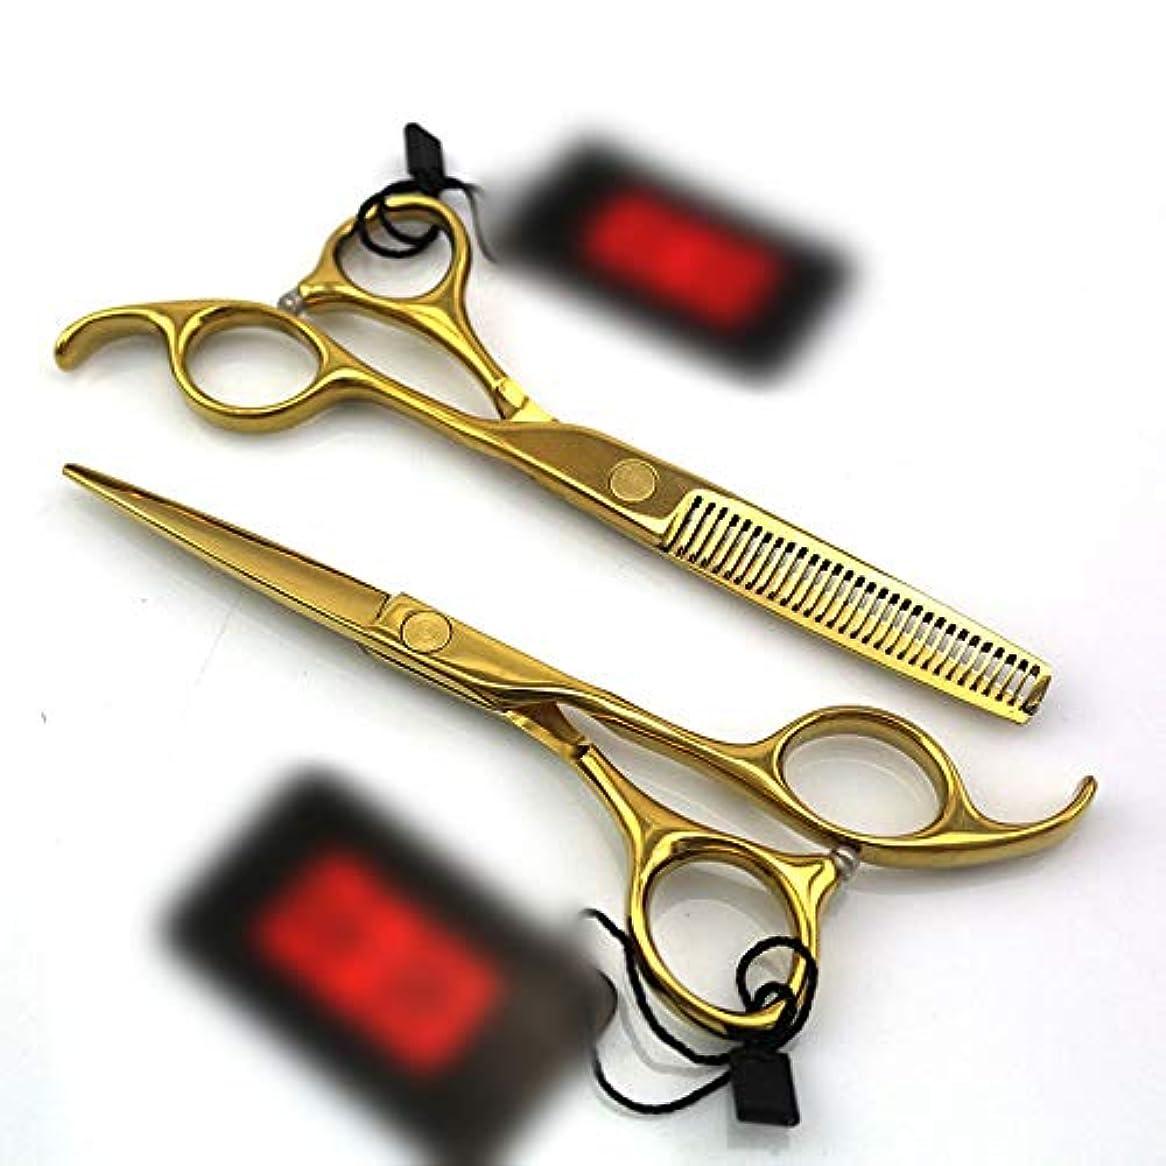 記念碑的な困難資本主義5.5インチのまっすぐなハンドルの理髪師のめっきの金の専門の理髪セット ヘアケア (色 : ゴールド)